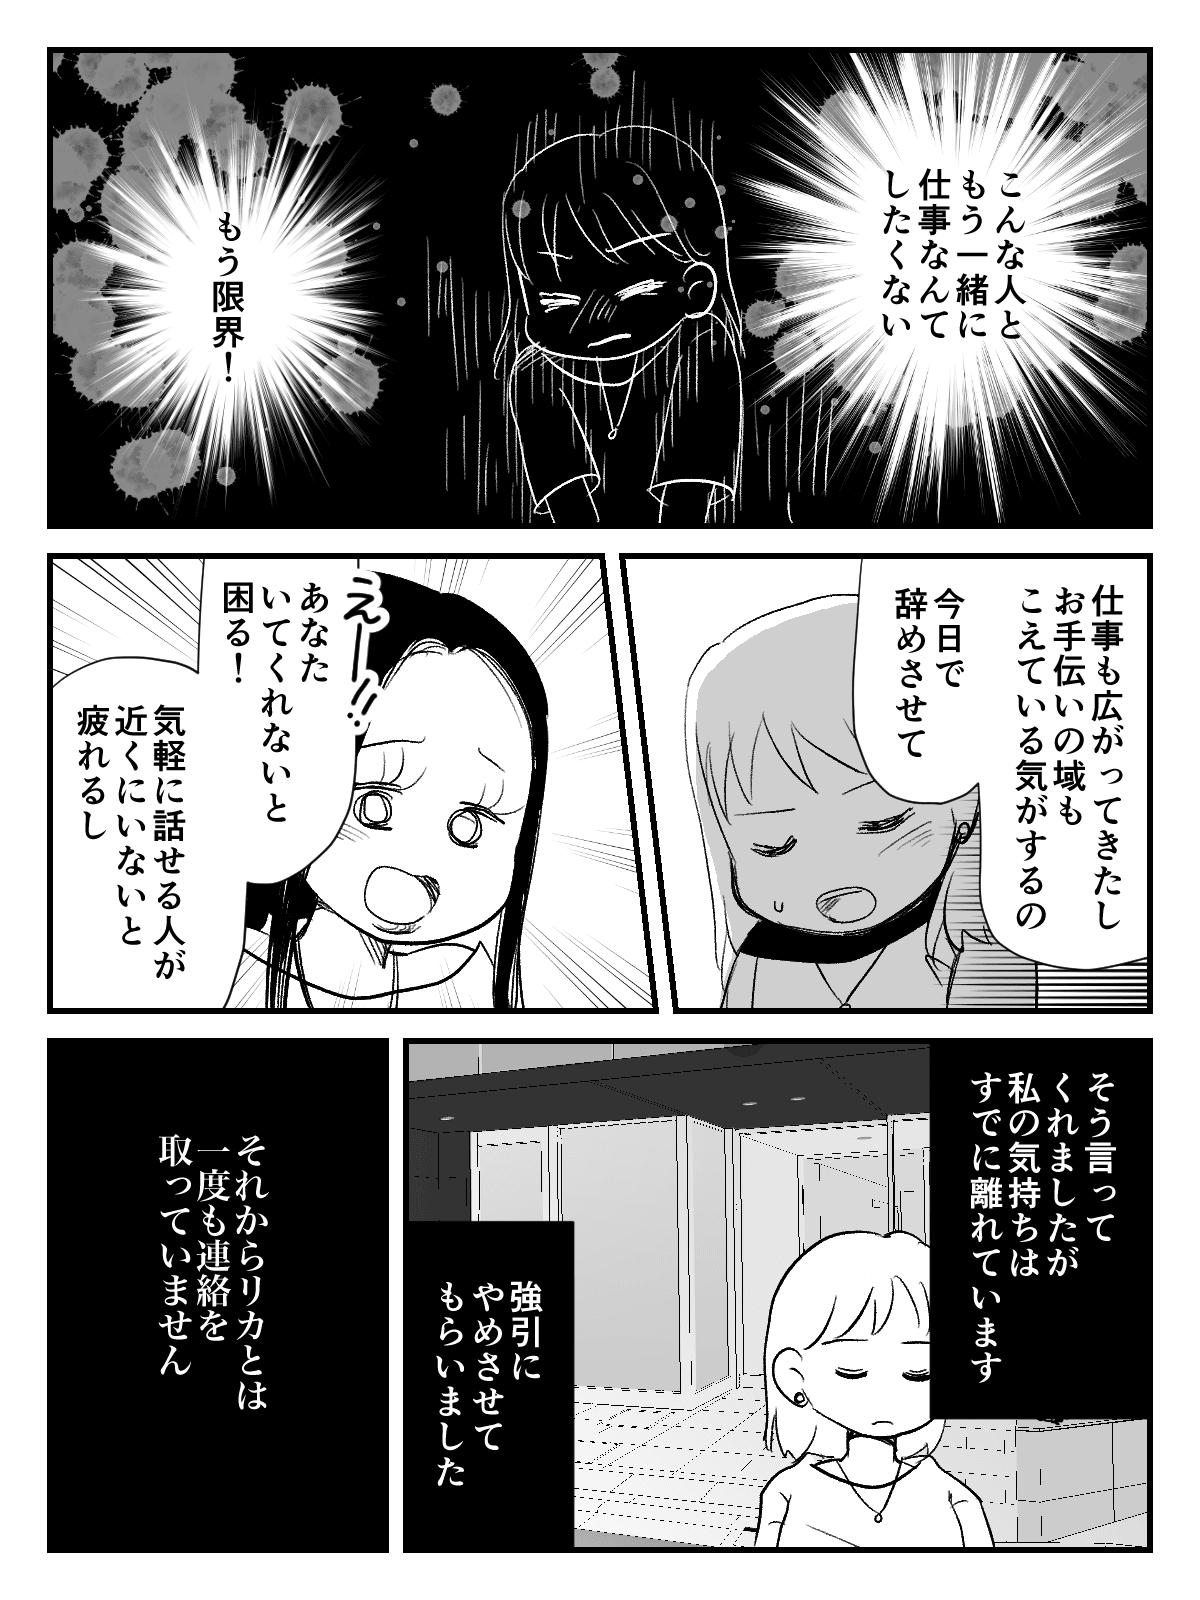 インフルエンサーな_出力_009